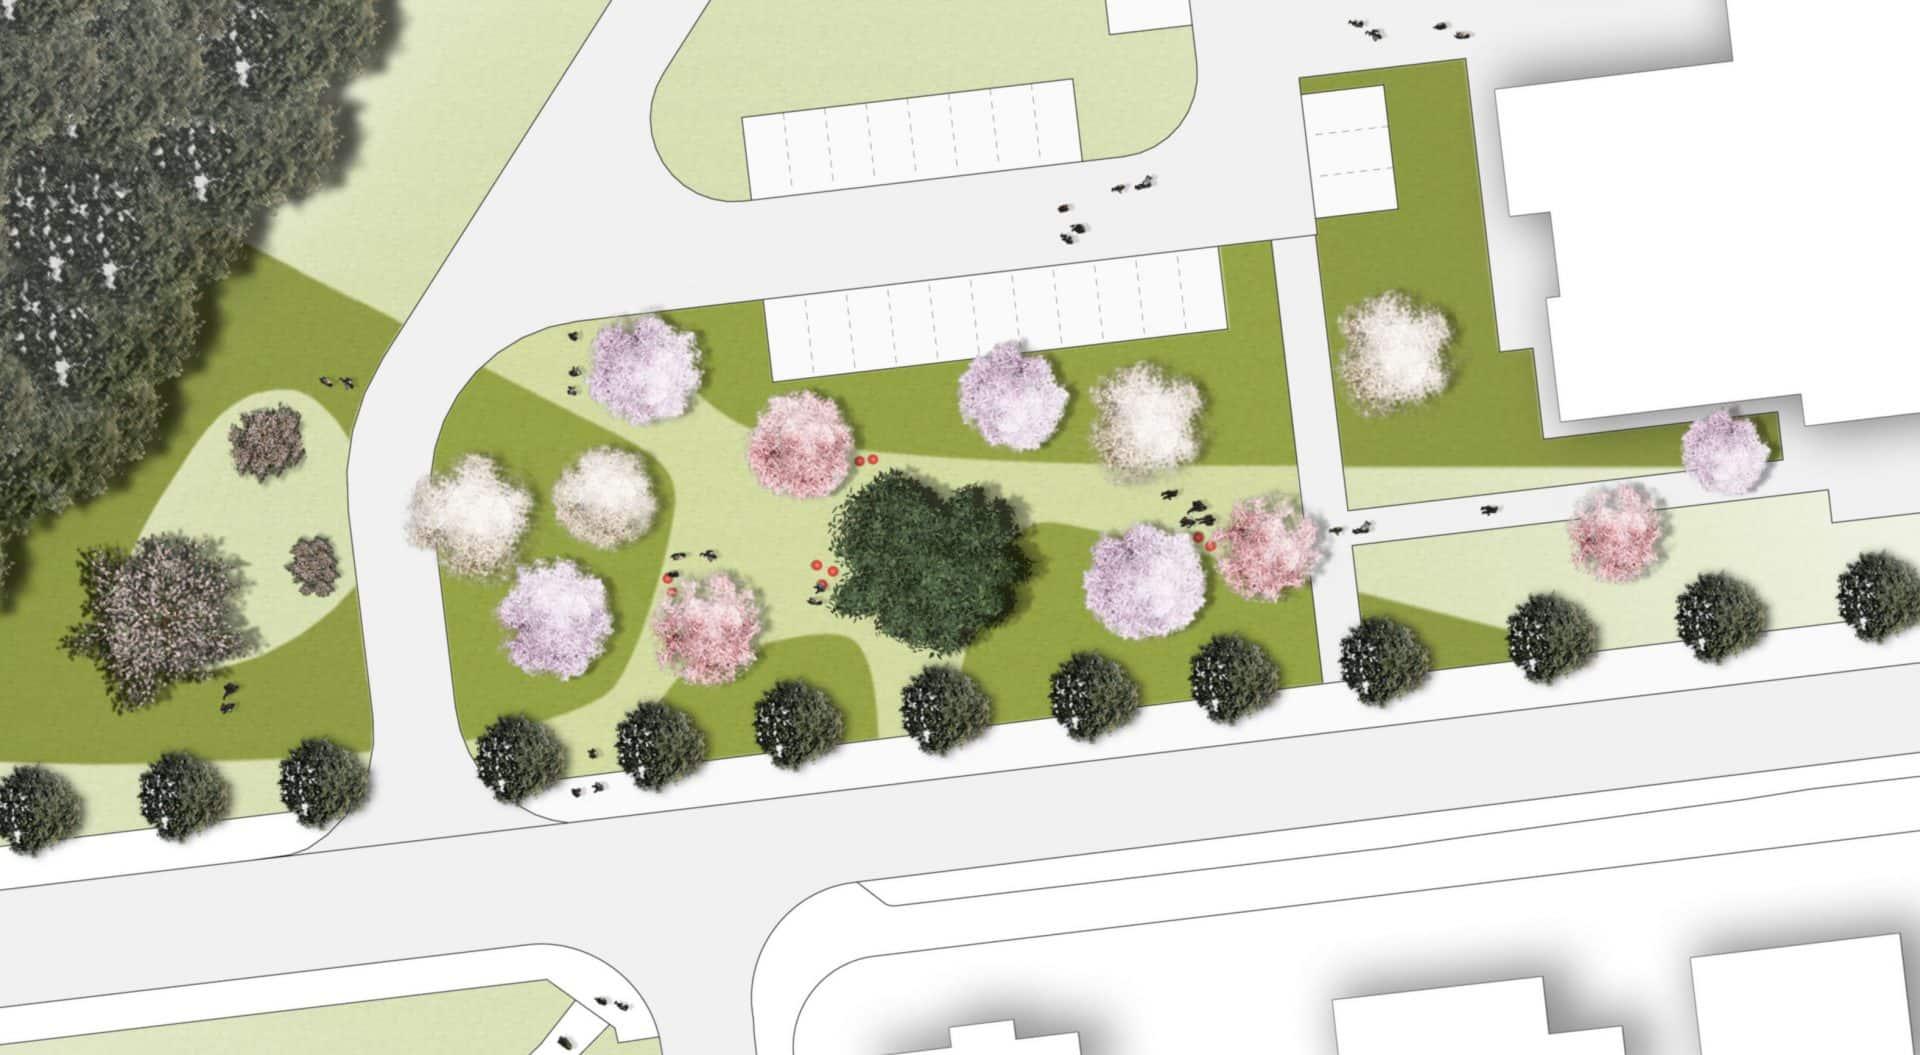 Eetbaar park gemeente Laarbeek